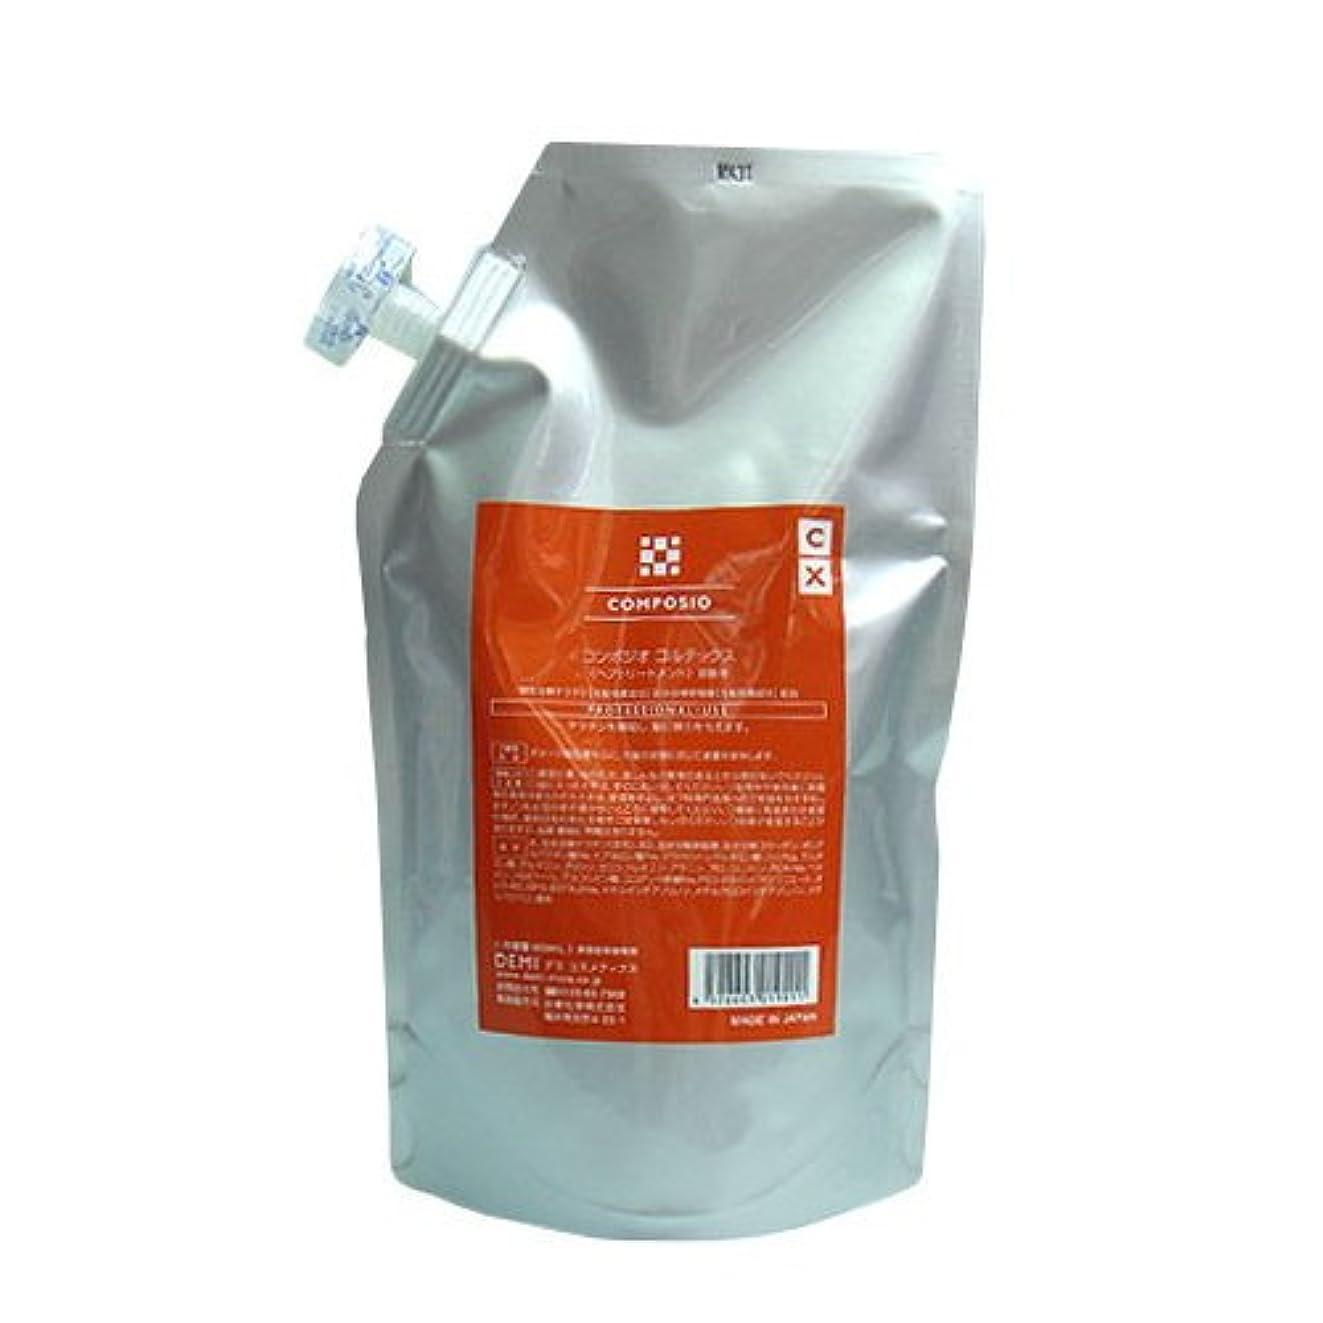 ベジタリアン周囲ボクシングデミ コンポジオ コルテックス(CX) 600ml(業務?詰替用)(前処理剤)